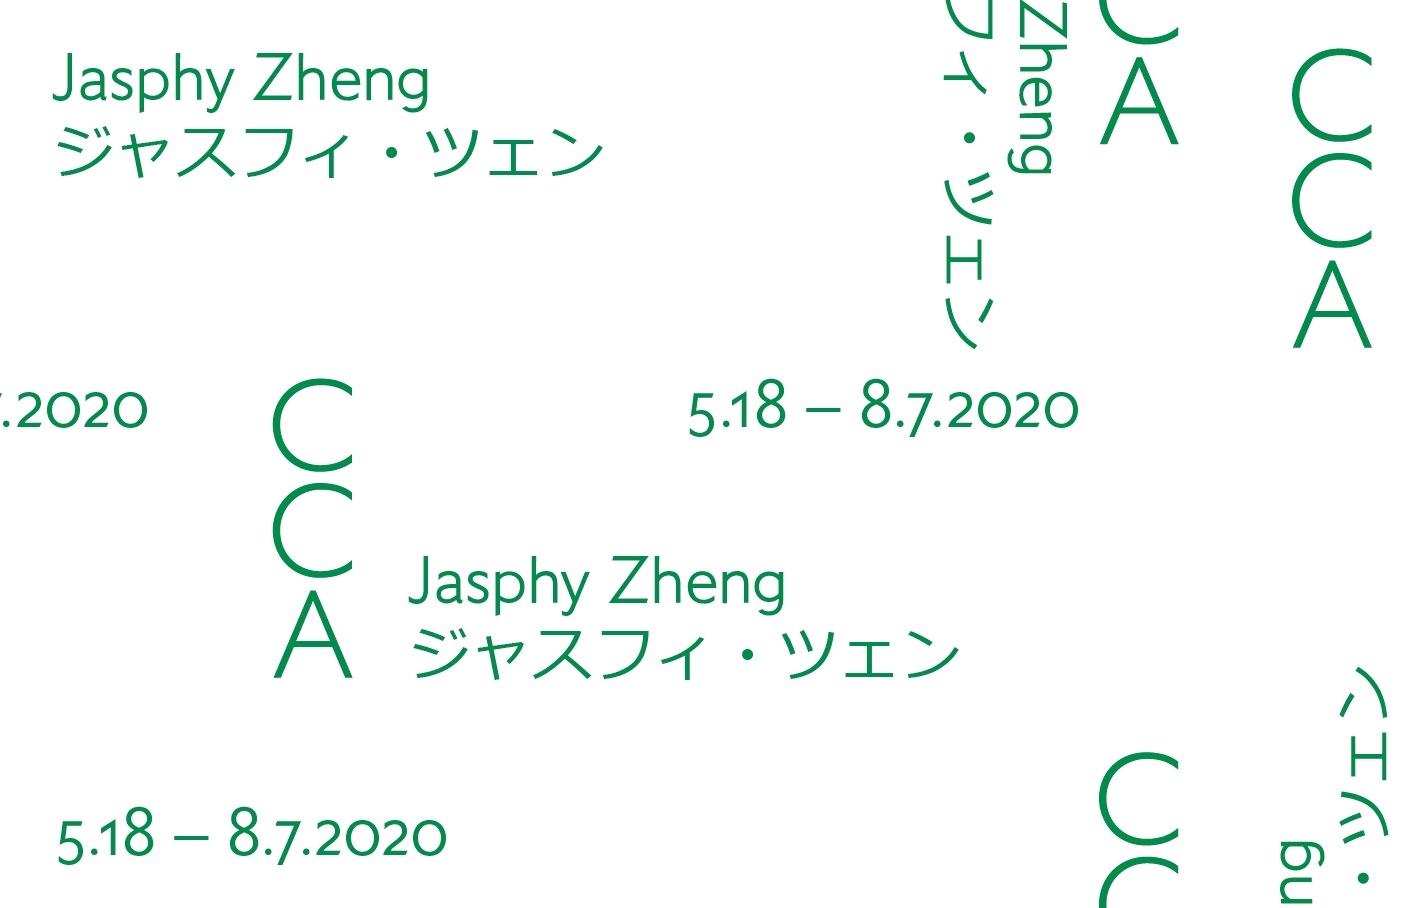 現代美術センターCCA北九州「ジャスフィ・ツェン ~部屋から届く物語~」